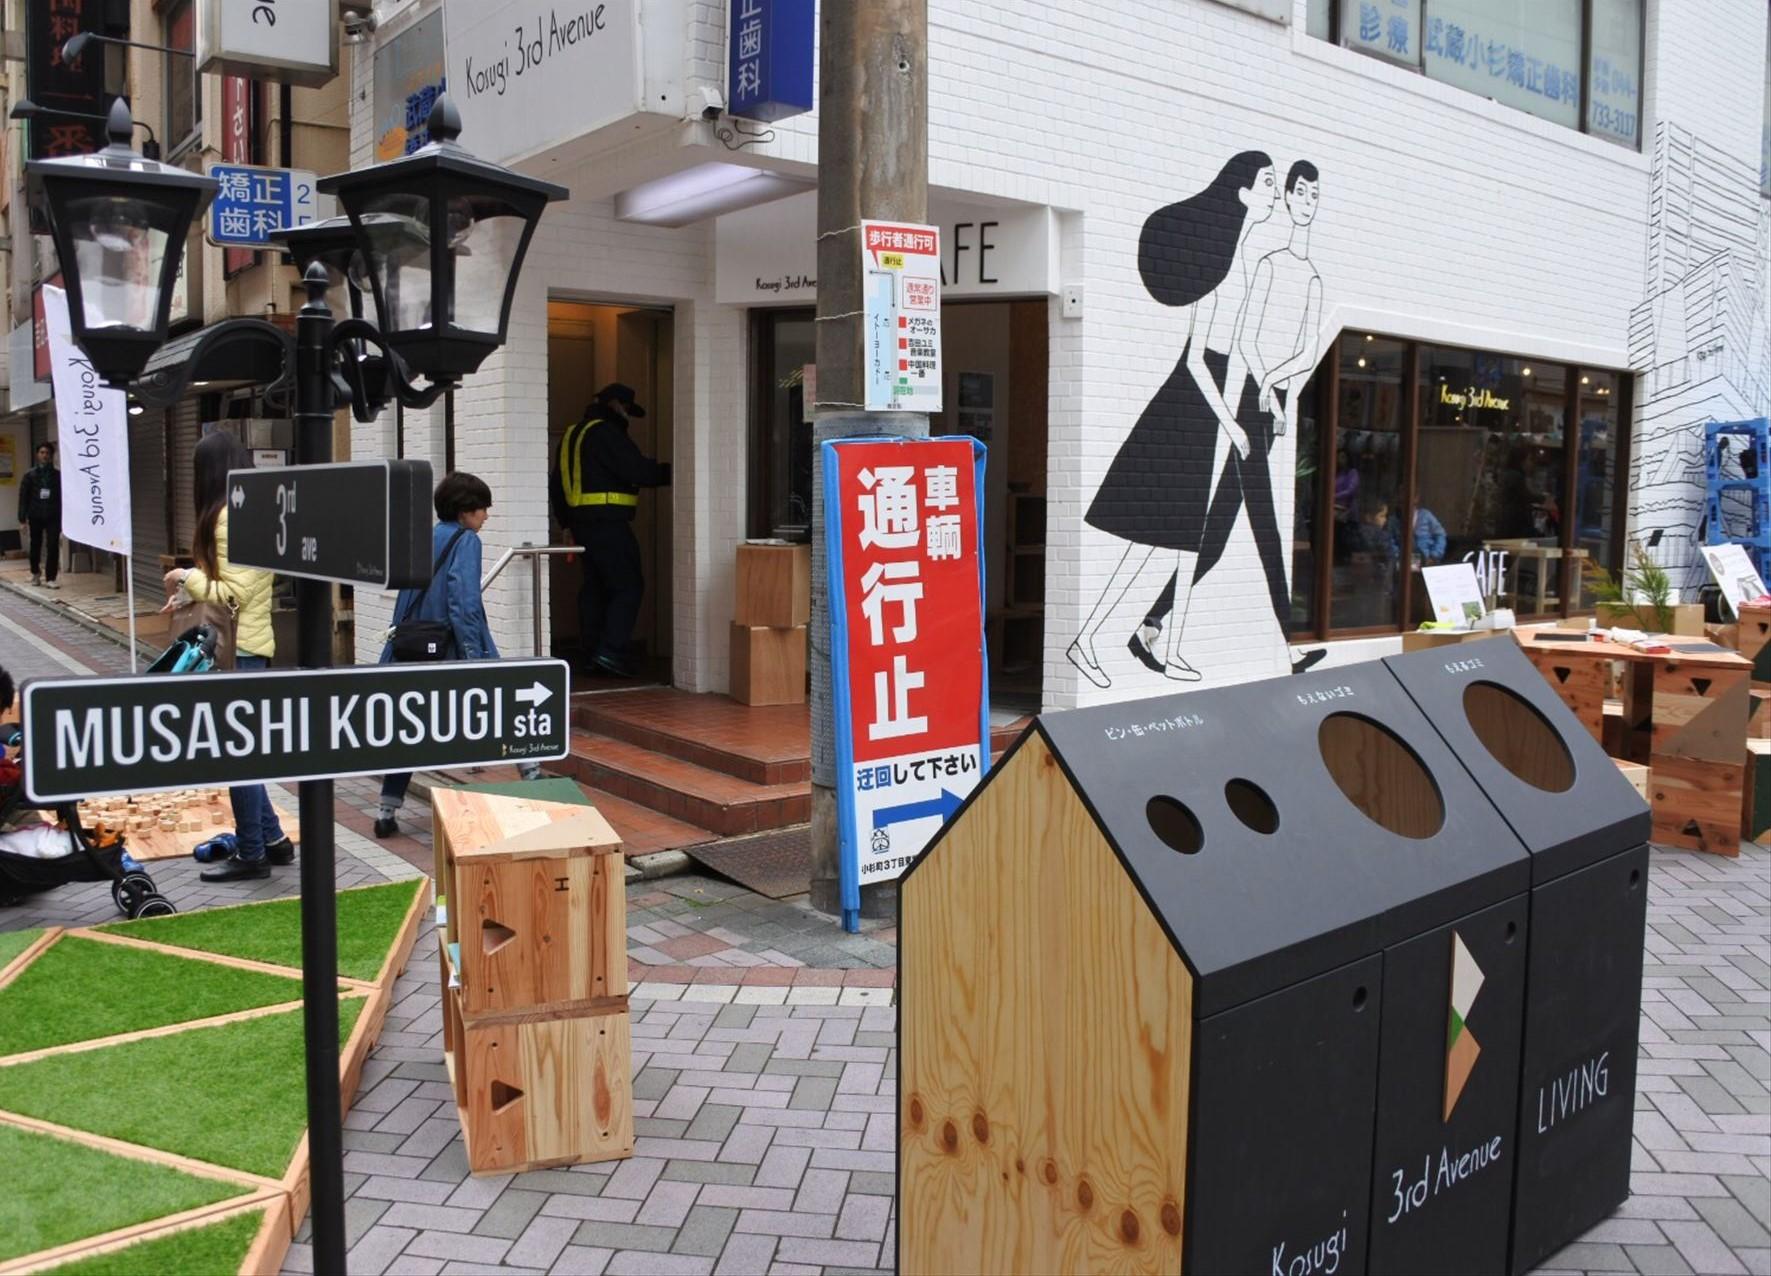 「Kosugi 3rd Avenue BAKERY LIVING」